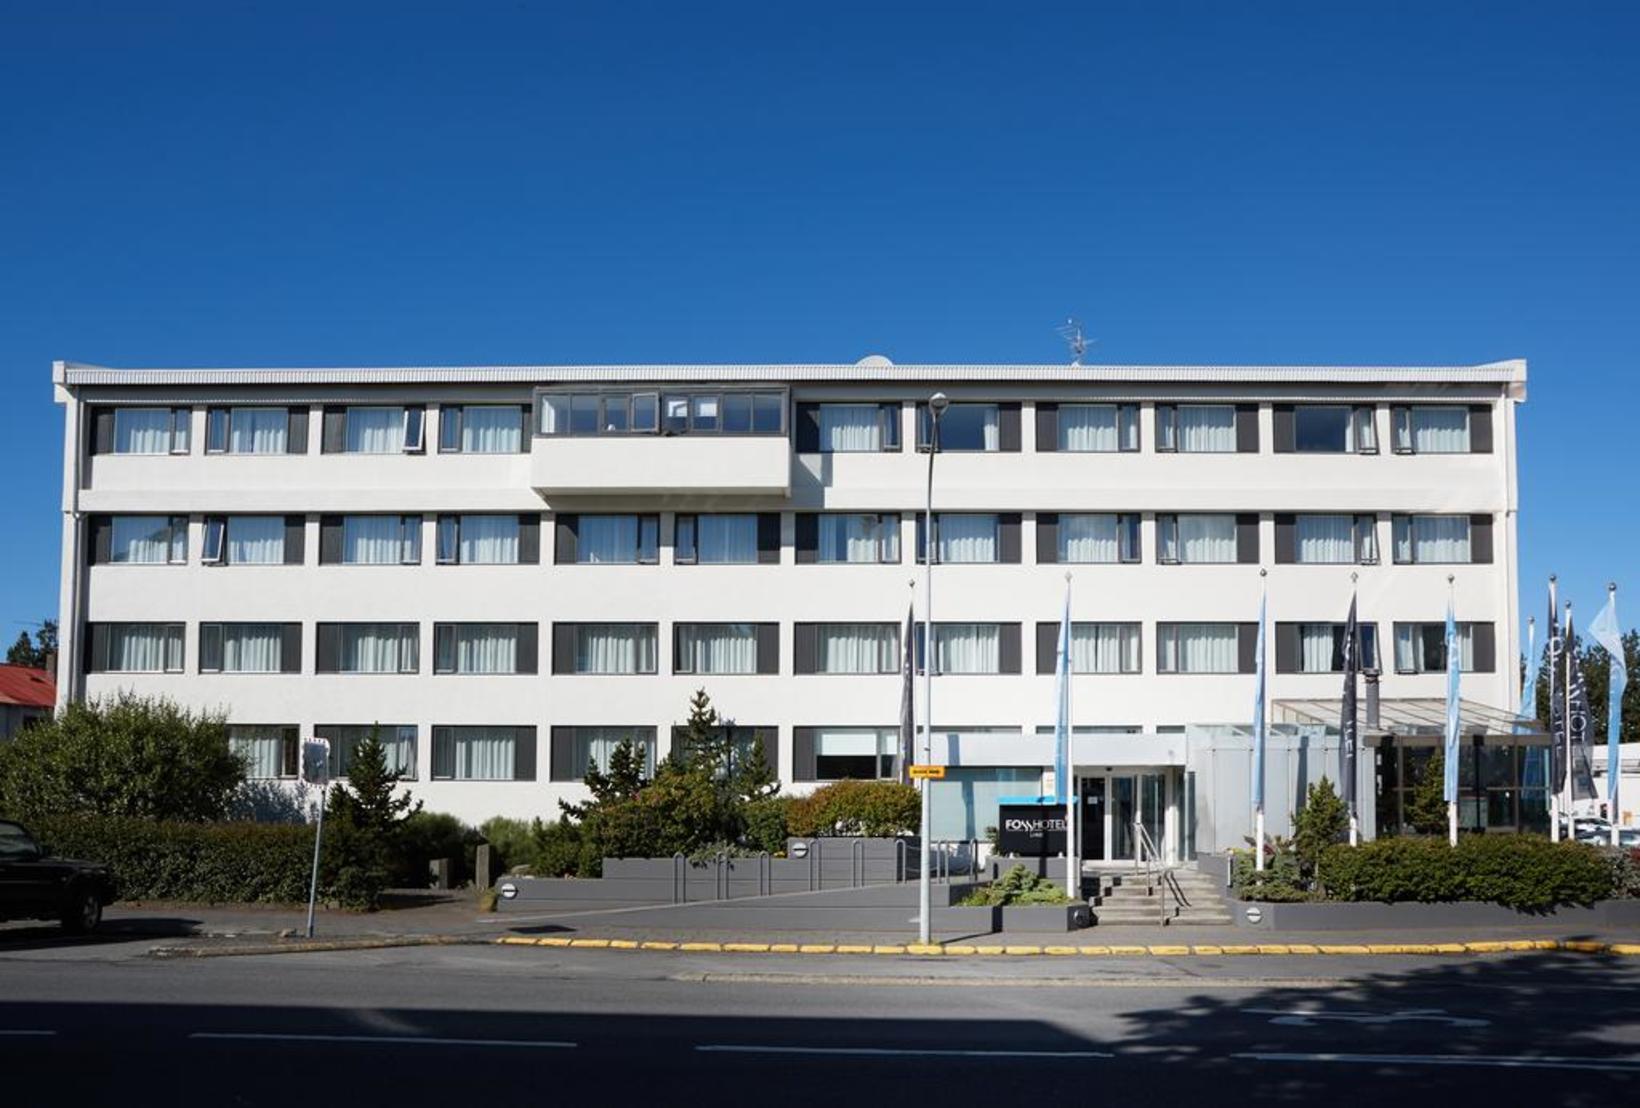 The quarantine facility on Rauðarárstígur, Reykjavík.